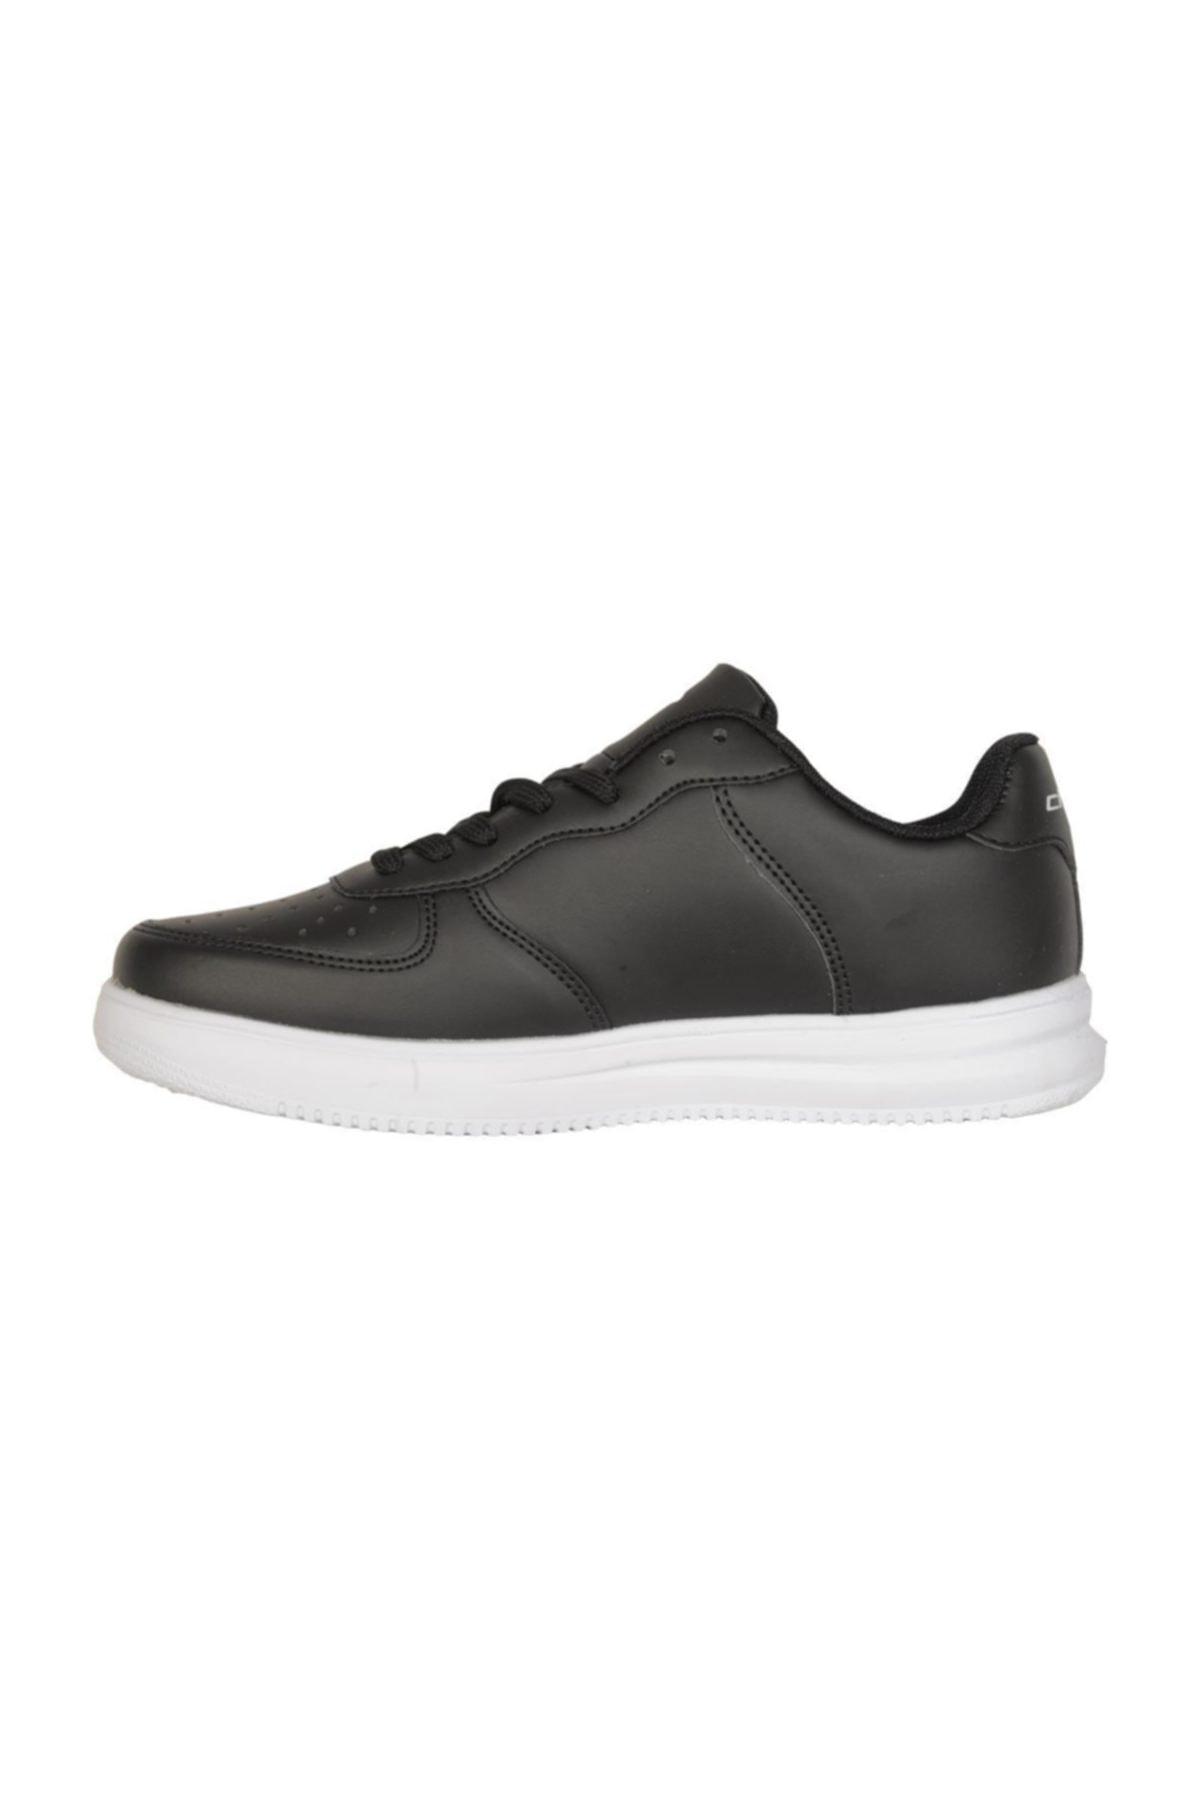 Cheta C042 Siyah-Beyaz Günlük Yürüyüş Kadın Spor Ayakkabı 2